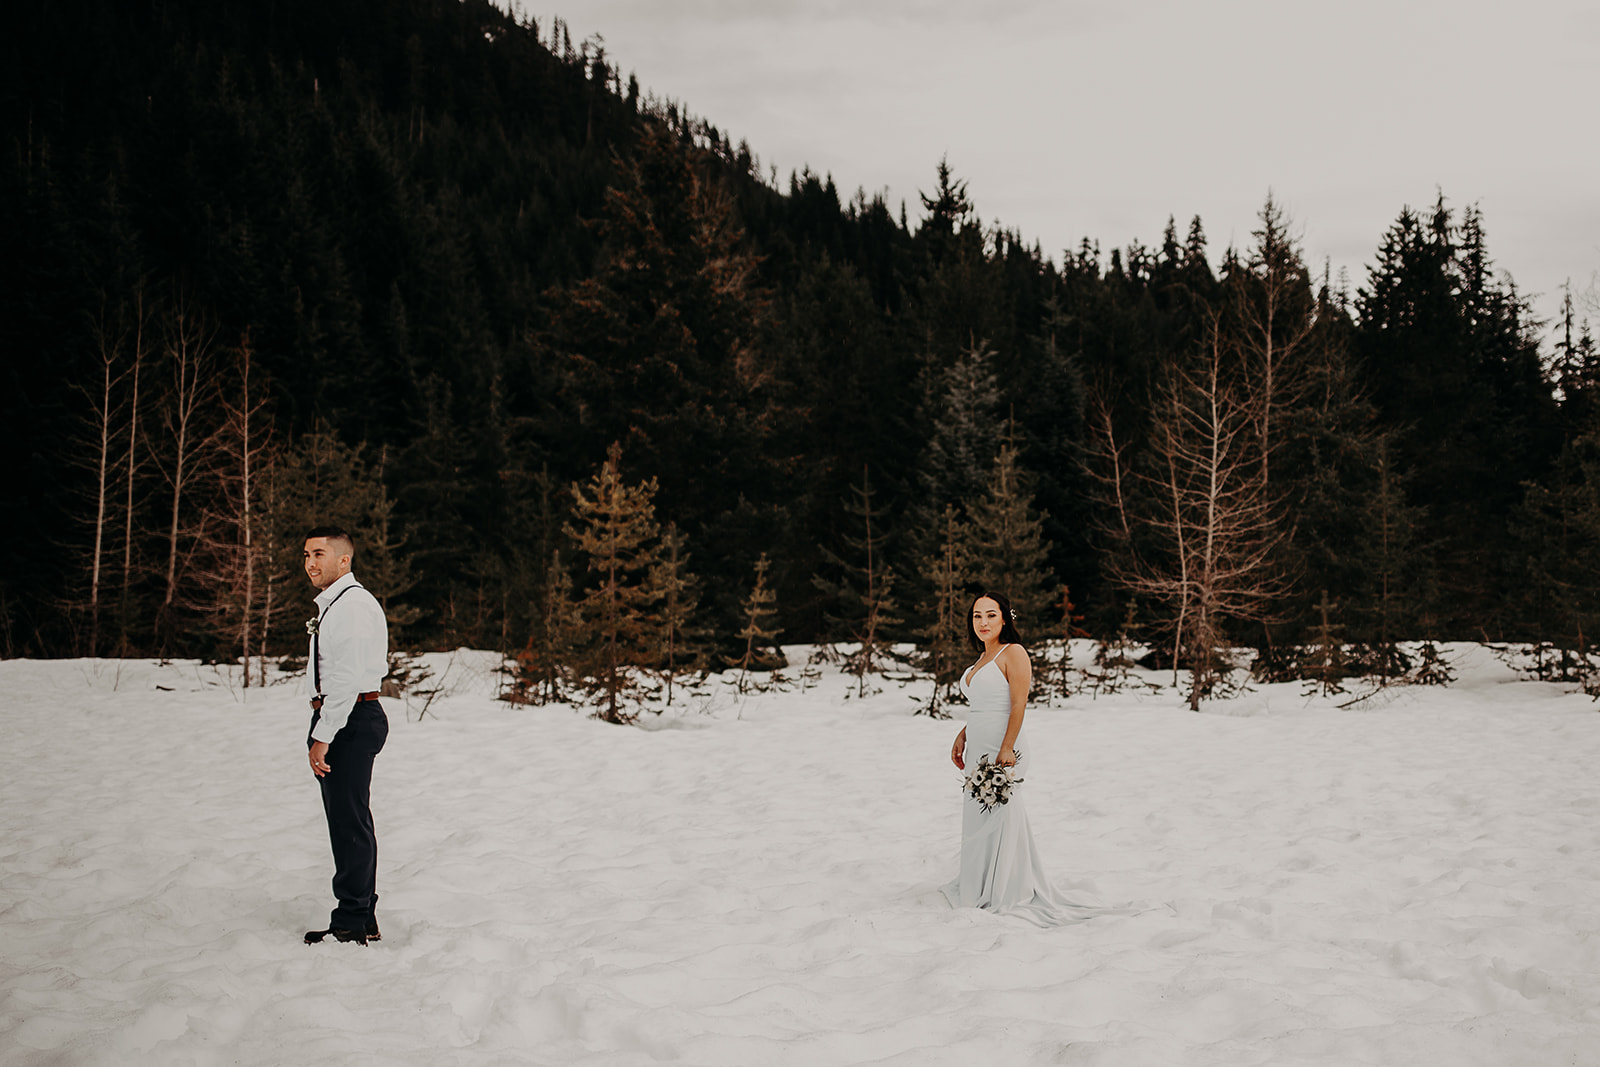 winter-mountain-elopement-asheville-wedding-photographer-megan-gallagher-photographer (6).jpg